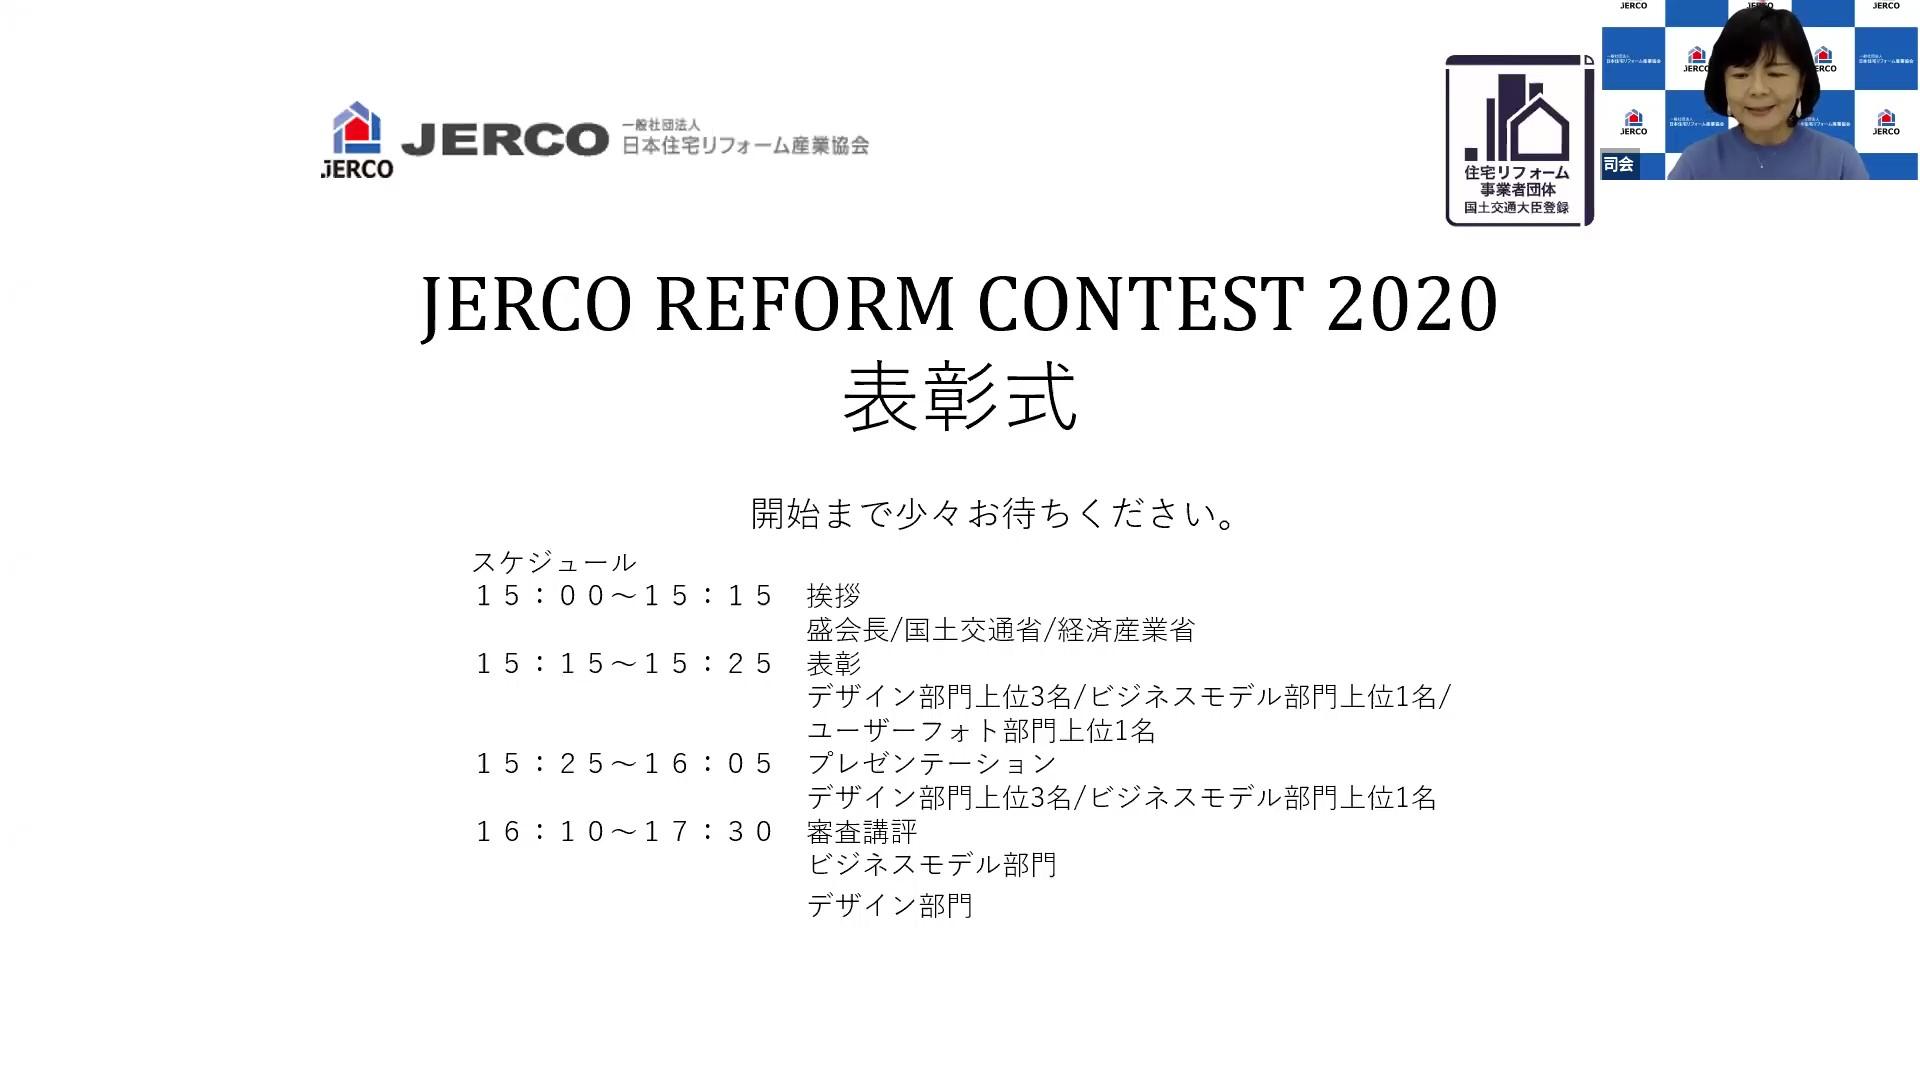 ジェルコリフォームコンテスト2020表彰式が開催されました